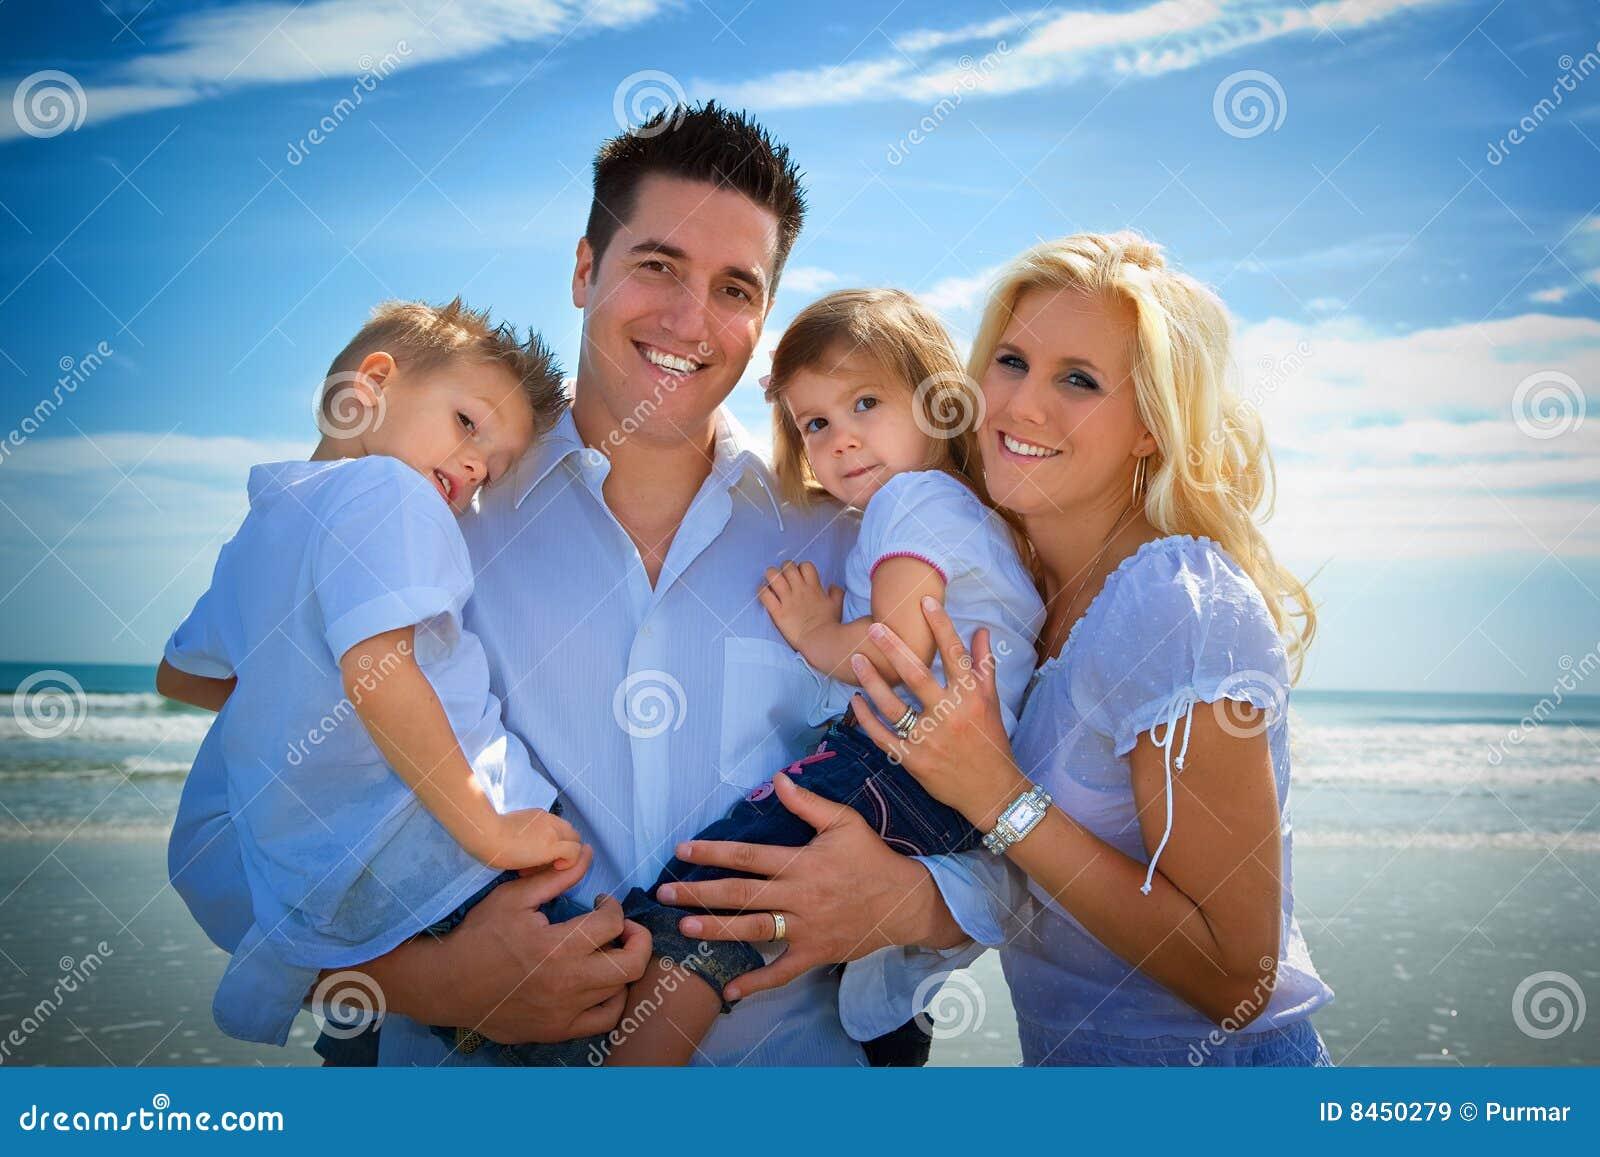 фото семейные натуристы